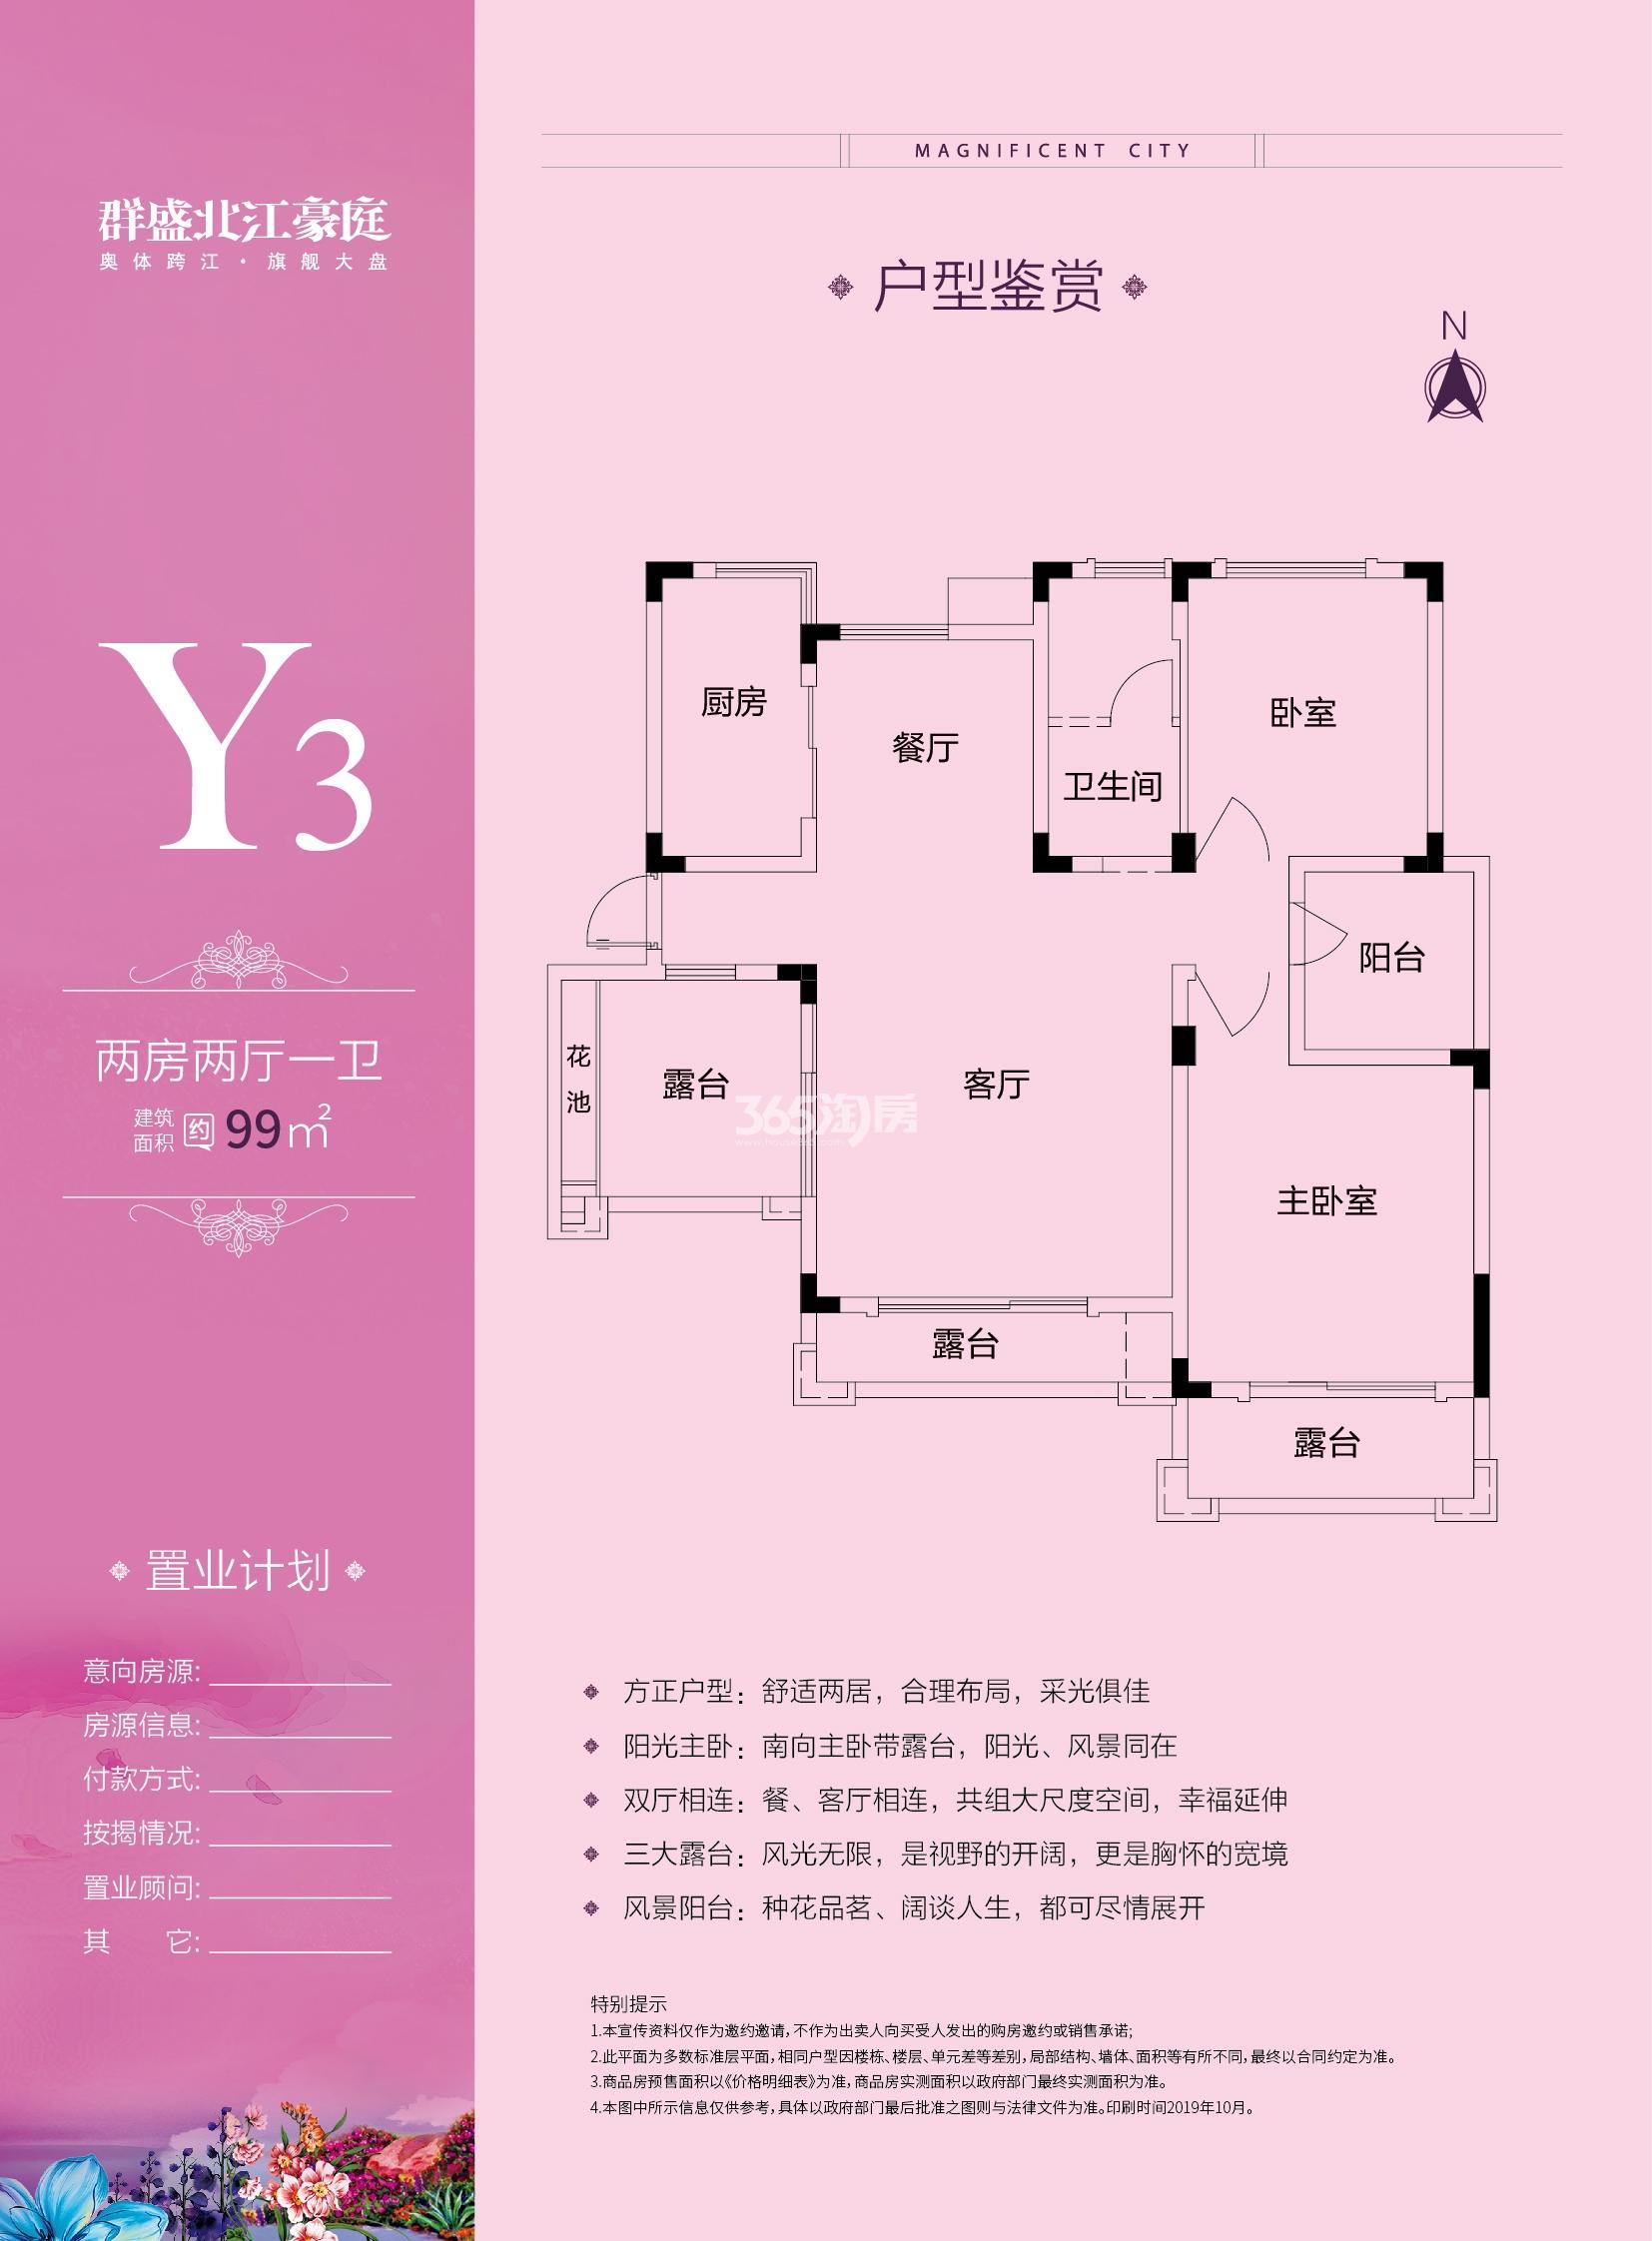 北江锦城洋房Y3户型图约99㎡